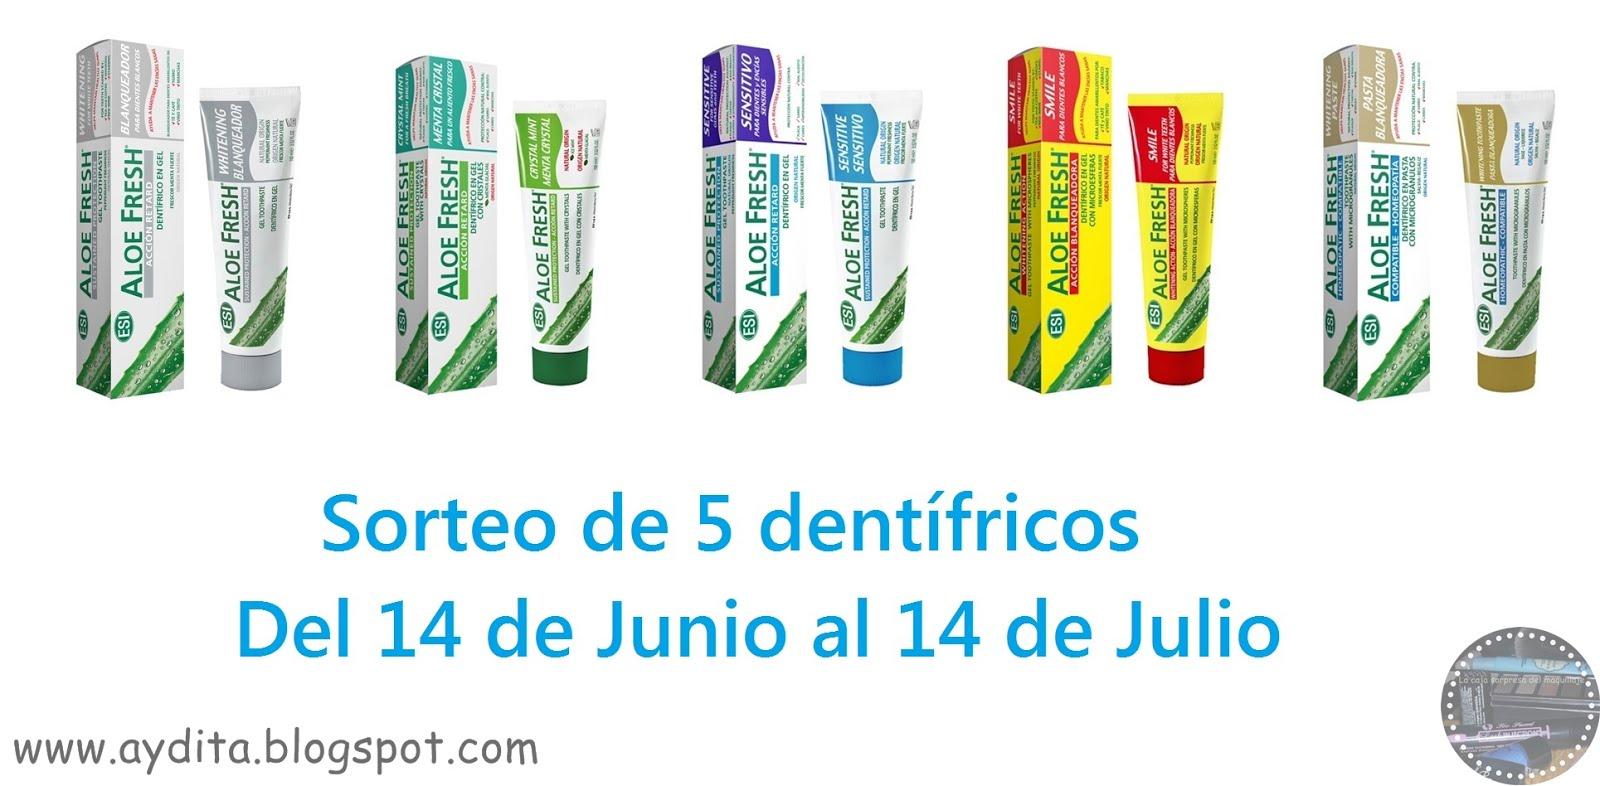 No olvides apuntarte al sorteo del lote de dentífricos